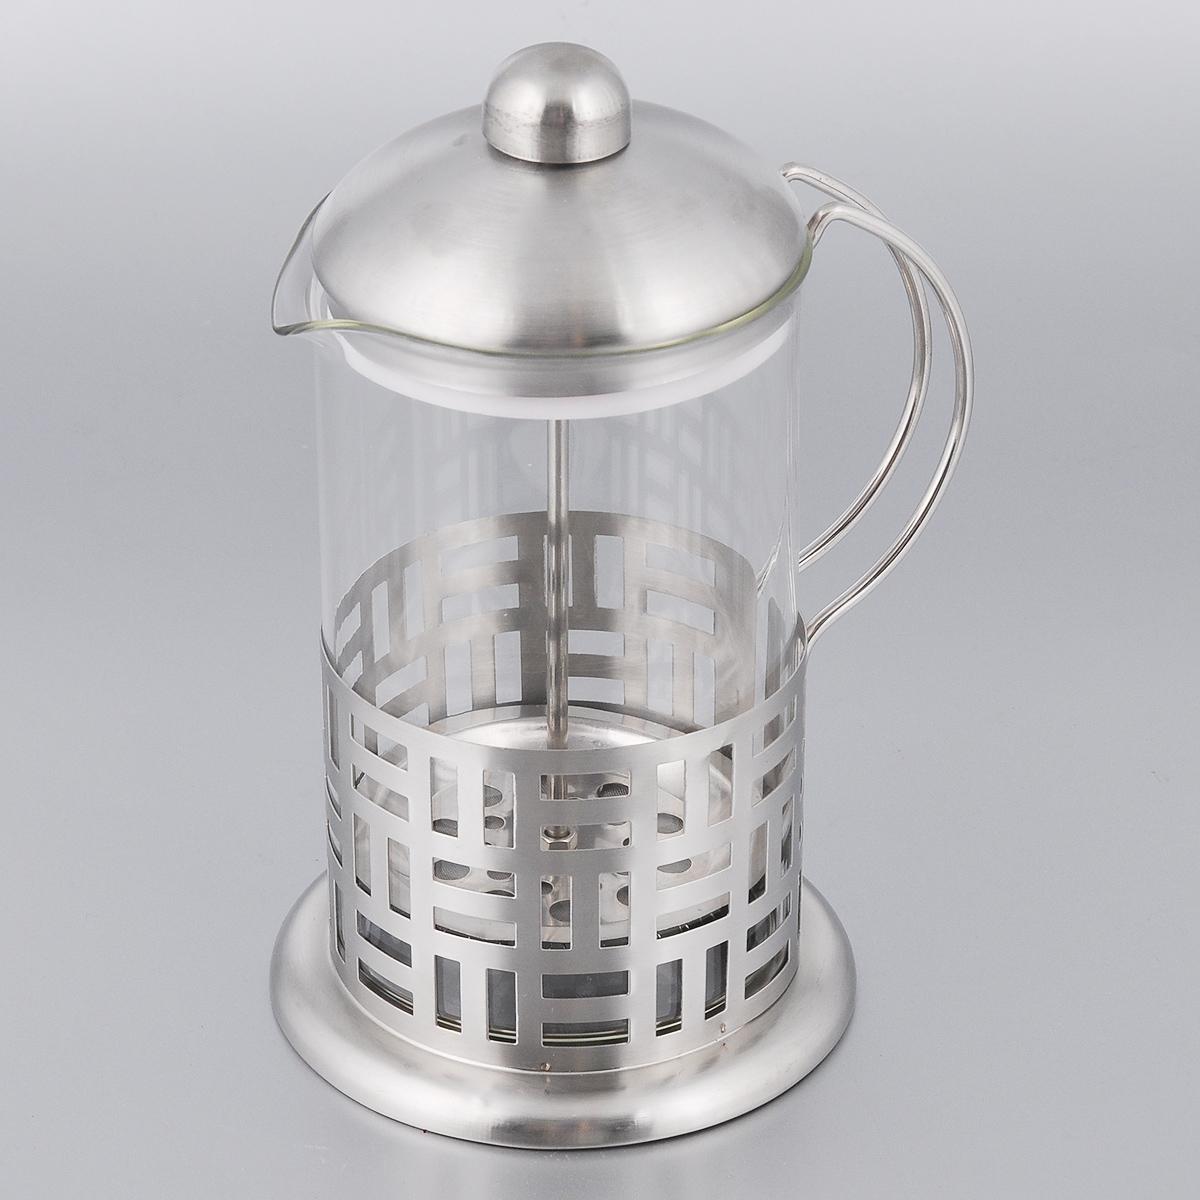 Френч-пресс Bohmann, 800 мл9580BHФренч-пресс Bohmann станет прекрасным выбором для повседневного использования, встречи гостей или небольших вечеринок. Колба, изготовленная их закаленного стекла, сохранит свежесть и аромат напитка. А конструкция френч-пресса встроенного в крышку, прекрасно отфильтрует чай и кофе от заварочной гущи. Удобная ручка обеспечит надежную фиксацию в руке. Утолщенный ободок колбы повышает прочность и продлевает срок службы изделия. Насыпьте чай или кофе в стеклянную колбу, добавьте горячей воды и закройте стакан пресс-фильтром. Подождите 3-5 минут, затем медленно опустите пресс-фильтр до упора. Приятного чаепития! Френч-пресс Bohmann позволит быстро и просто приготовить чай или свежий и ароматный кофе. Объем: 800 мл. Диаметр (по верхнему краю): 10 см. Высота стенки: 17 см.